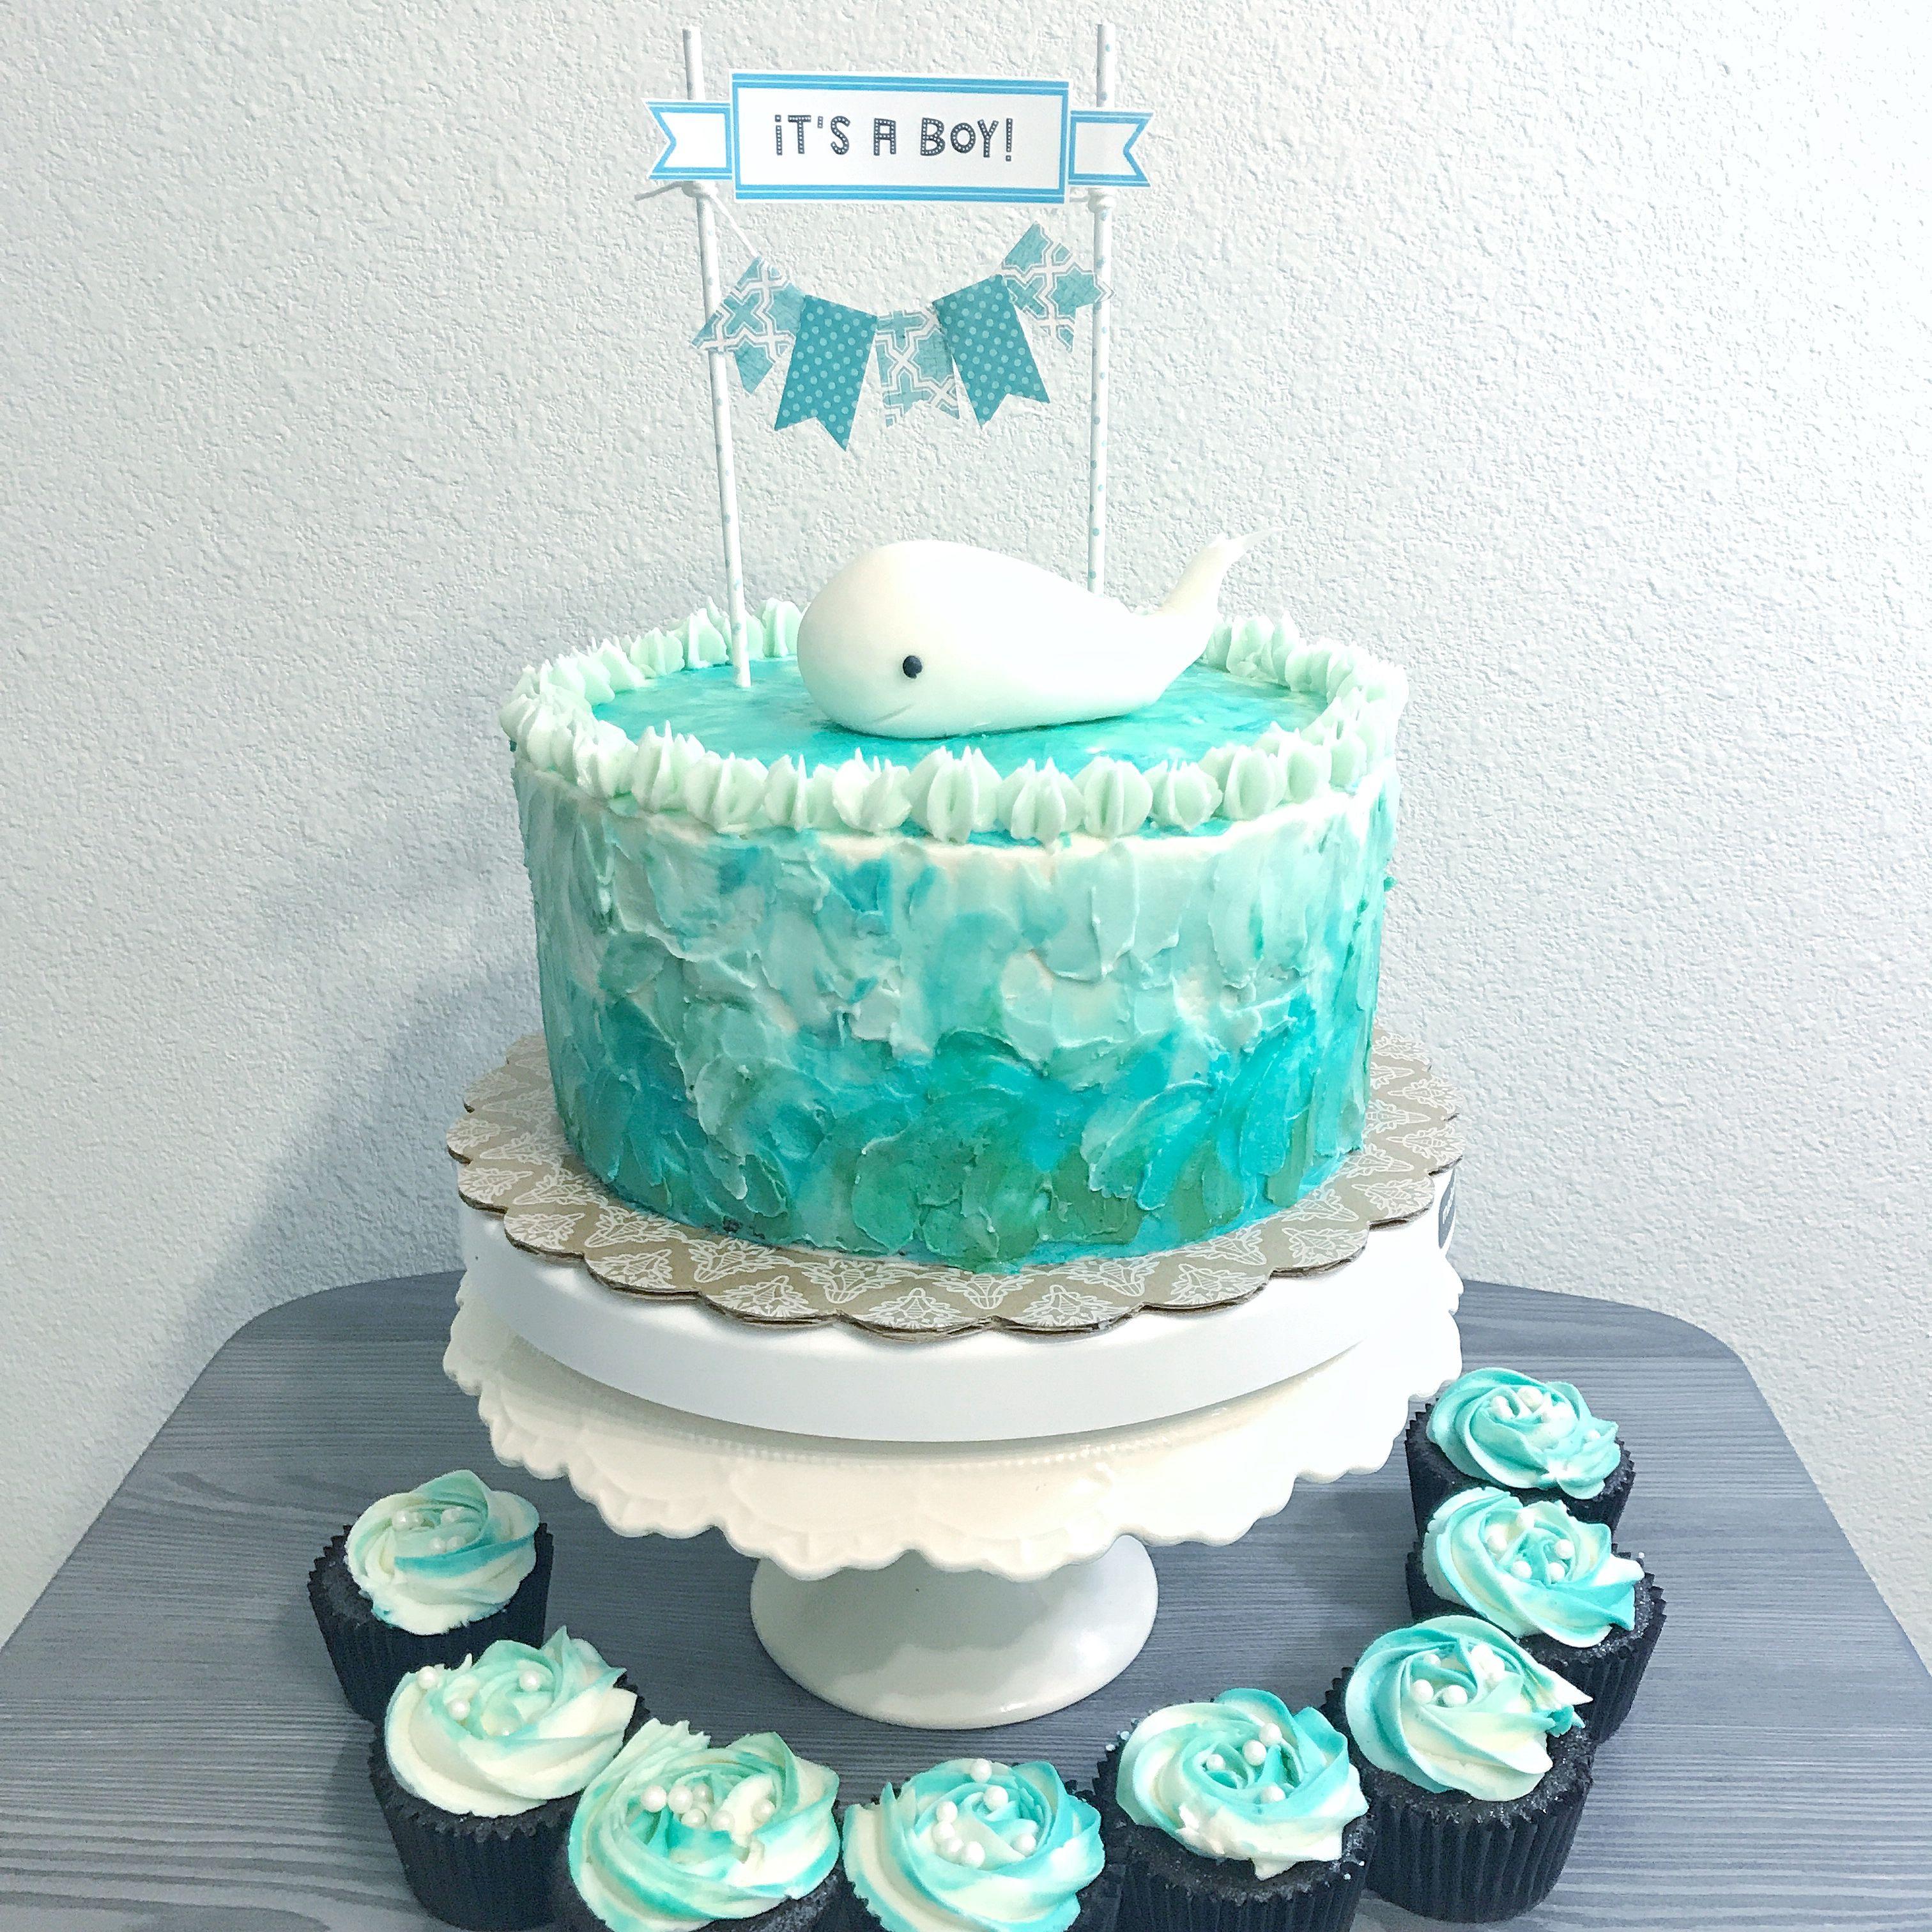 Seafoam colors. | Cake, Desserts, Seafoam color